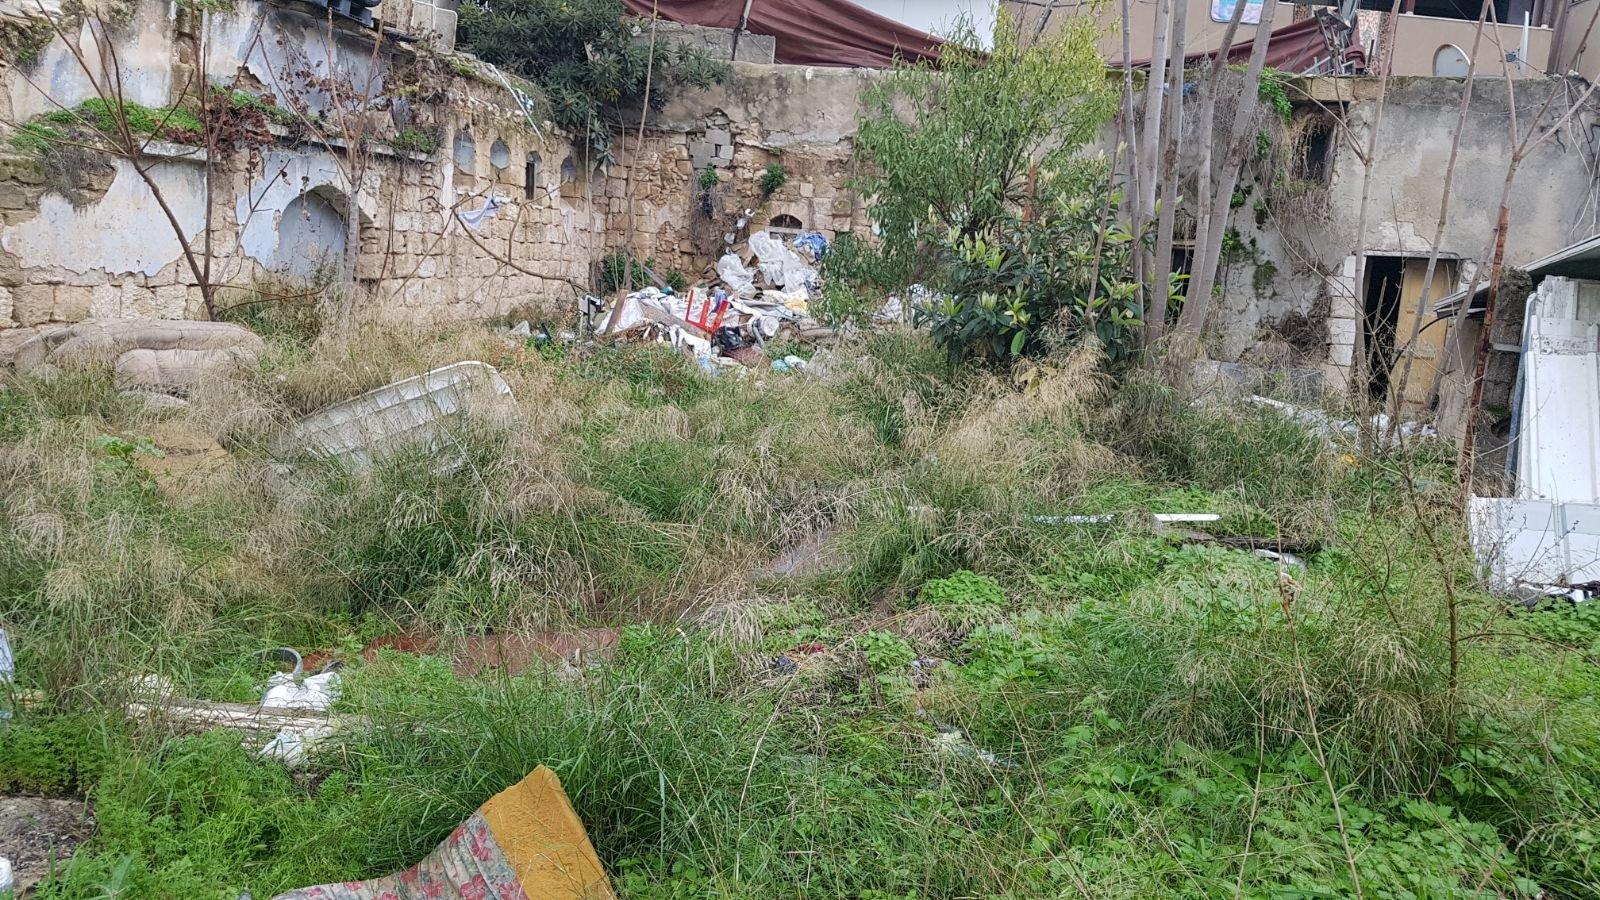 وحدة البيئة في بلدية الناصرة وحملة تنظيف واخلاء مركبات قديمة